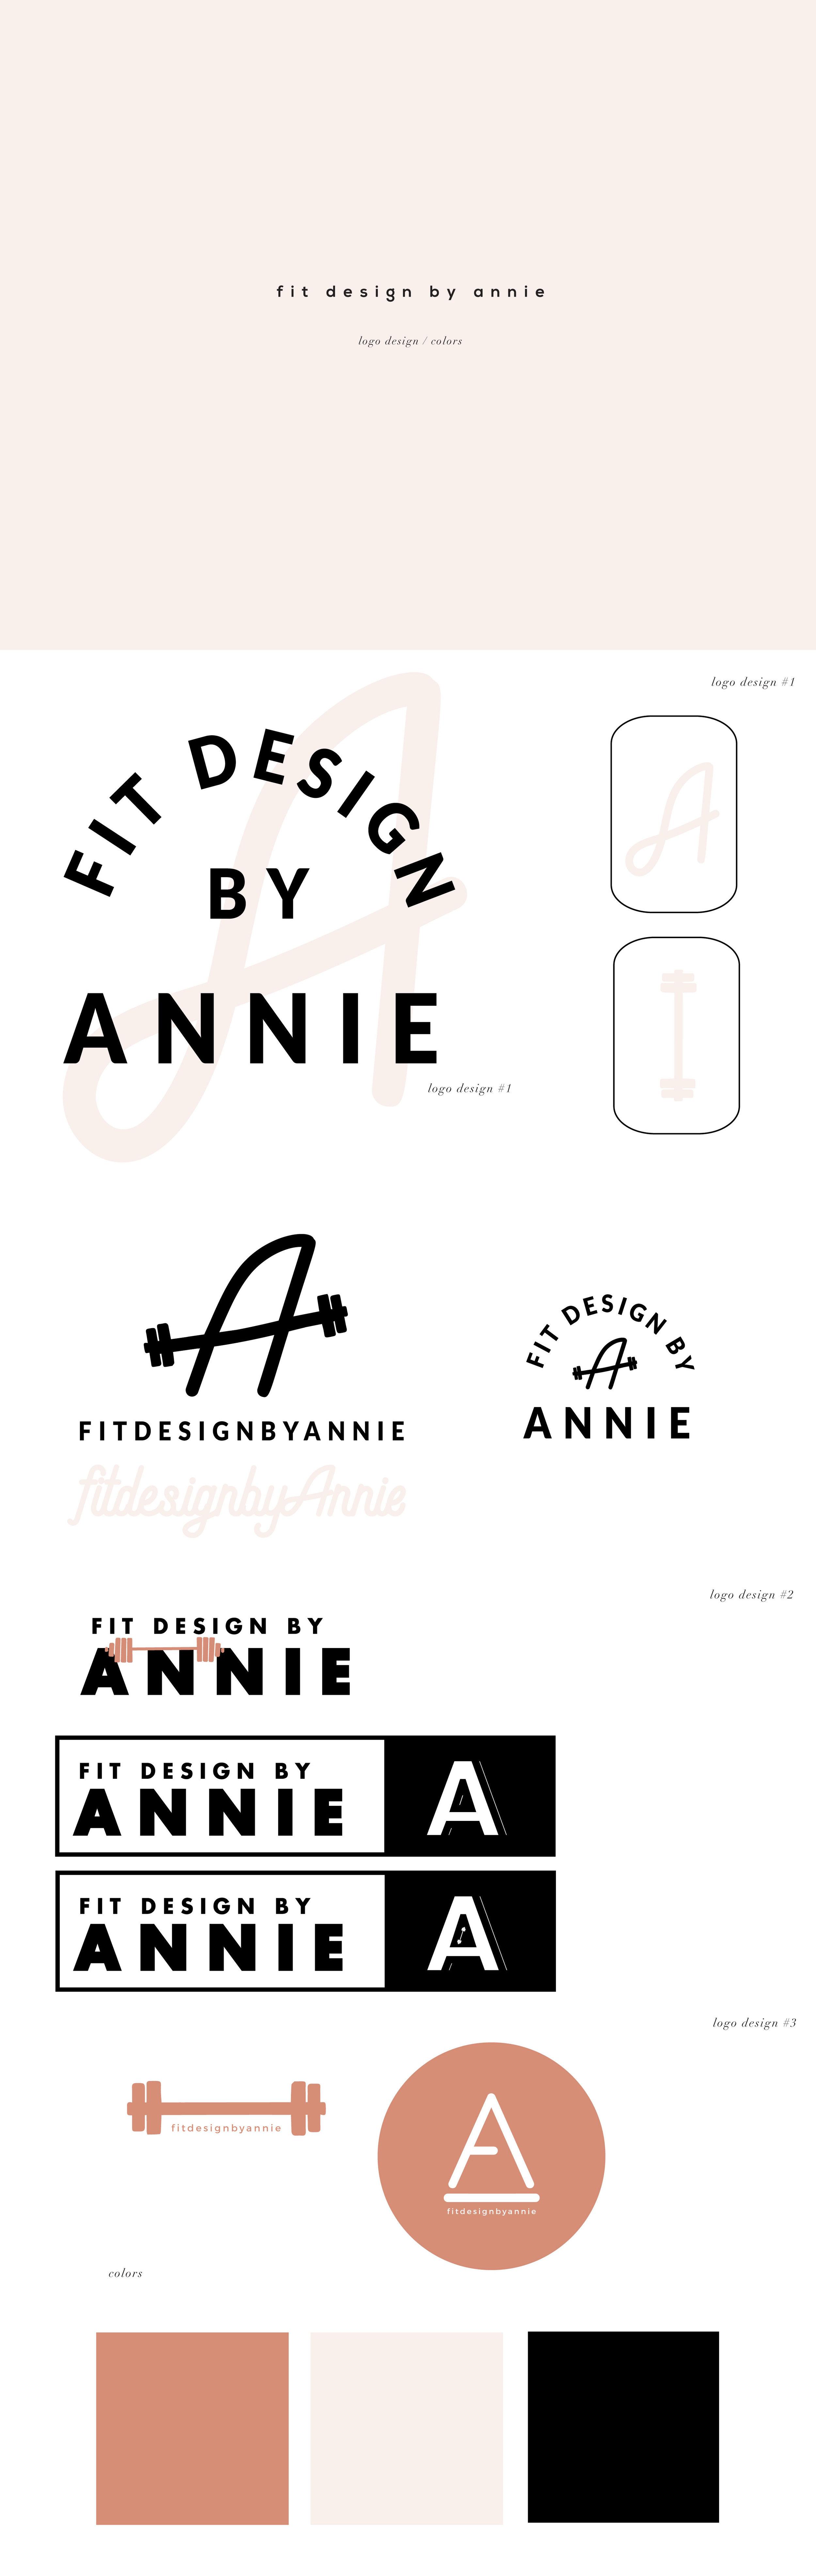 Fit-Design-by-annie-brand.jpg